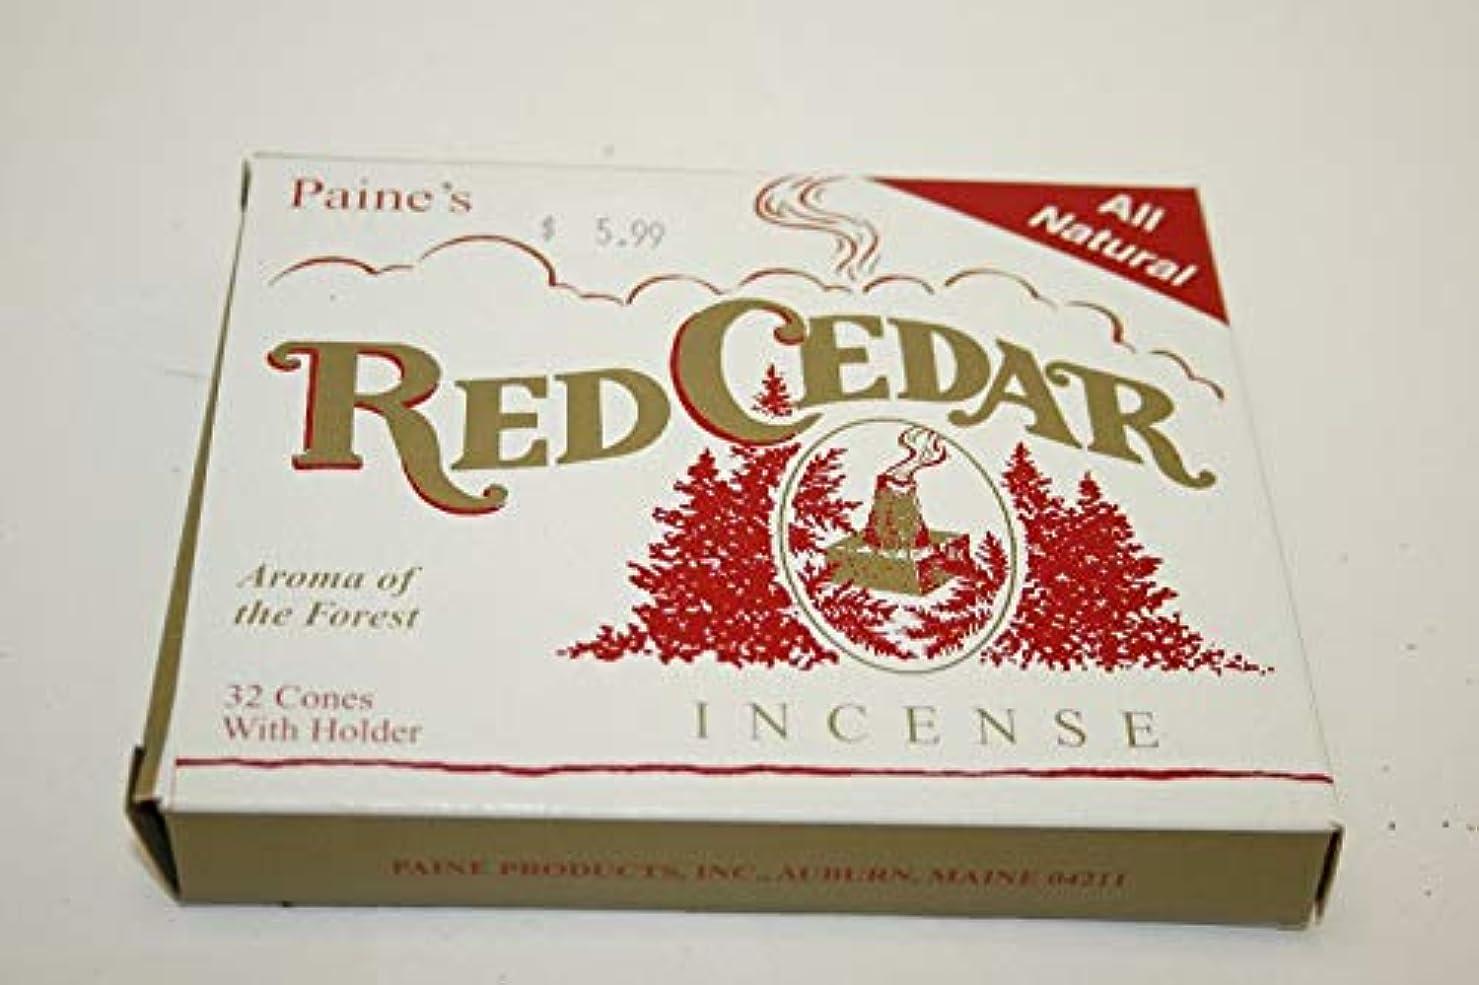 ぼかしストレスの多い損傷Incense & Burner Comes with 32 RED Cedar Cones to Burn Wood Holder Lodge Style